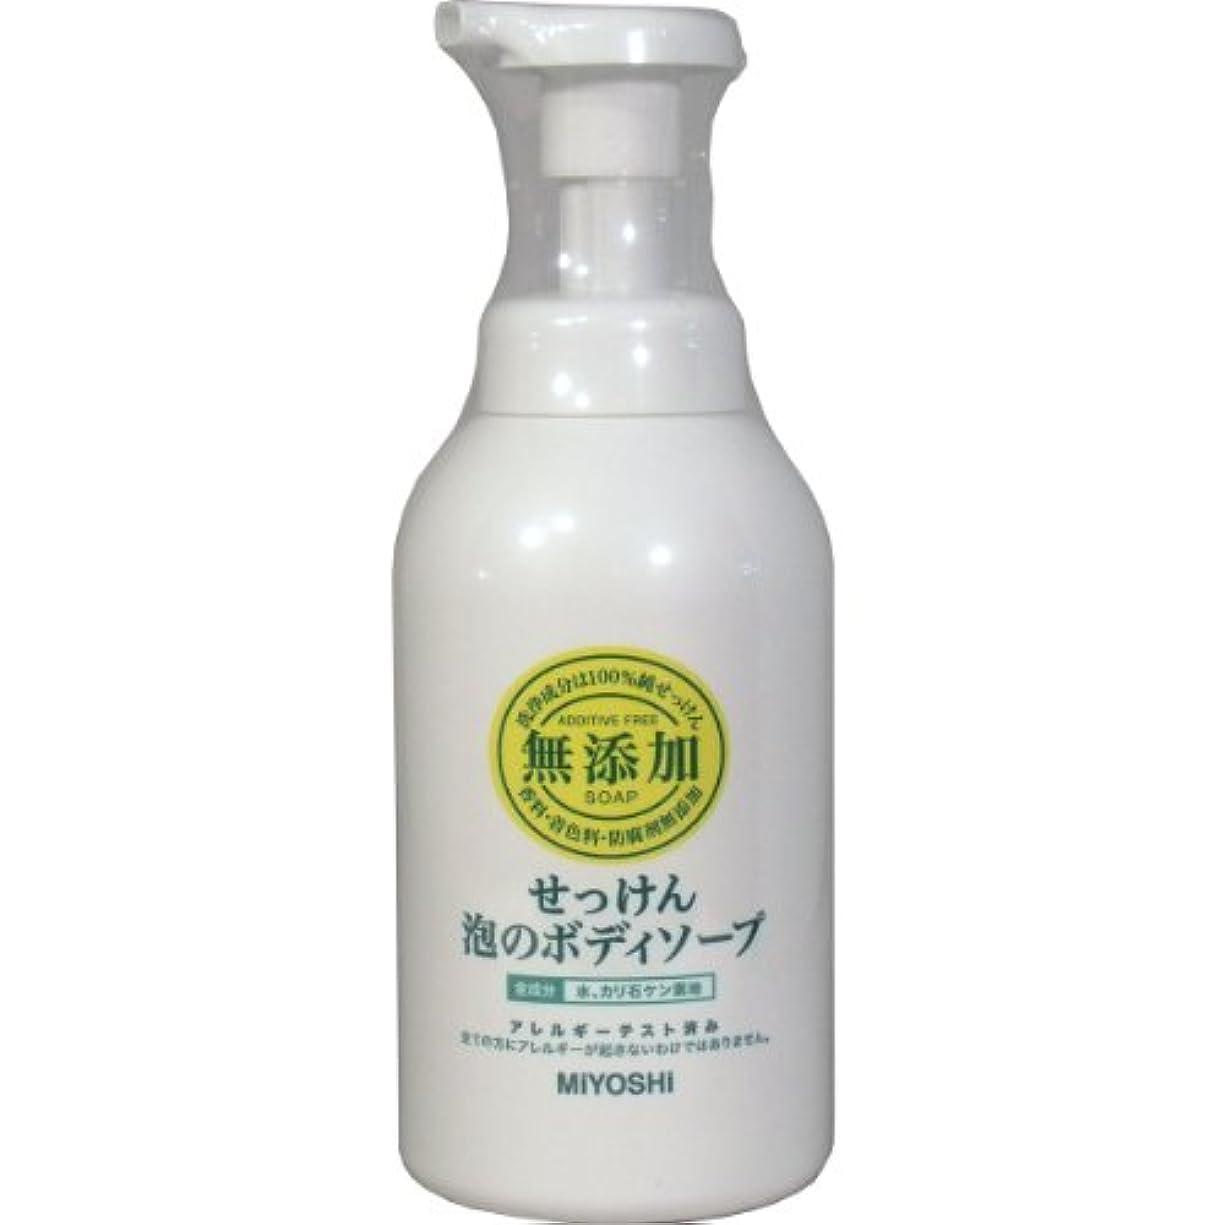 典型的なキリン核洗浄成分は100%純せっけん!!ミヨシ無添加シリーズは石けん成分以外に何も添加していません!ポンプ500mL【2個セット】